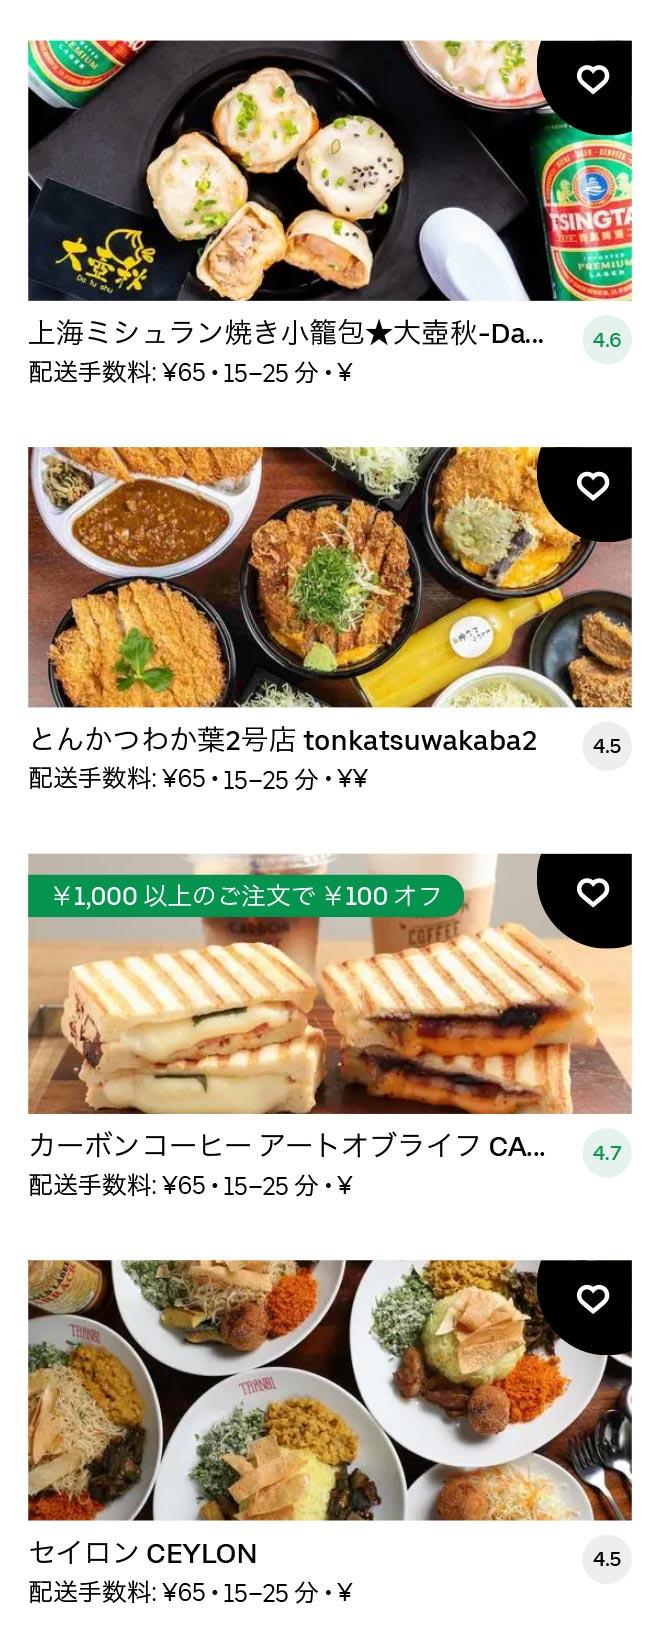 Akasaka menu 2101 08